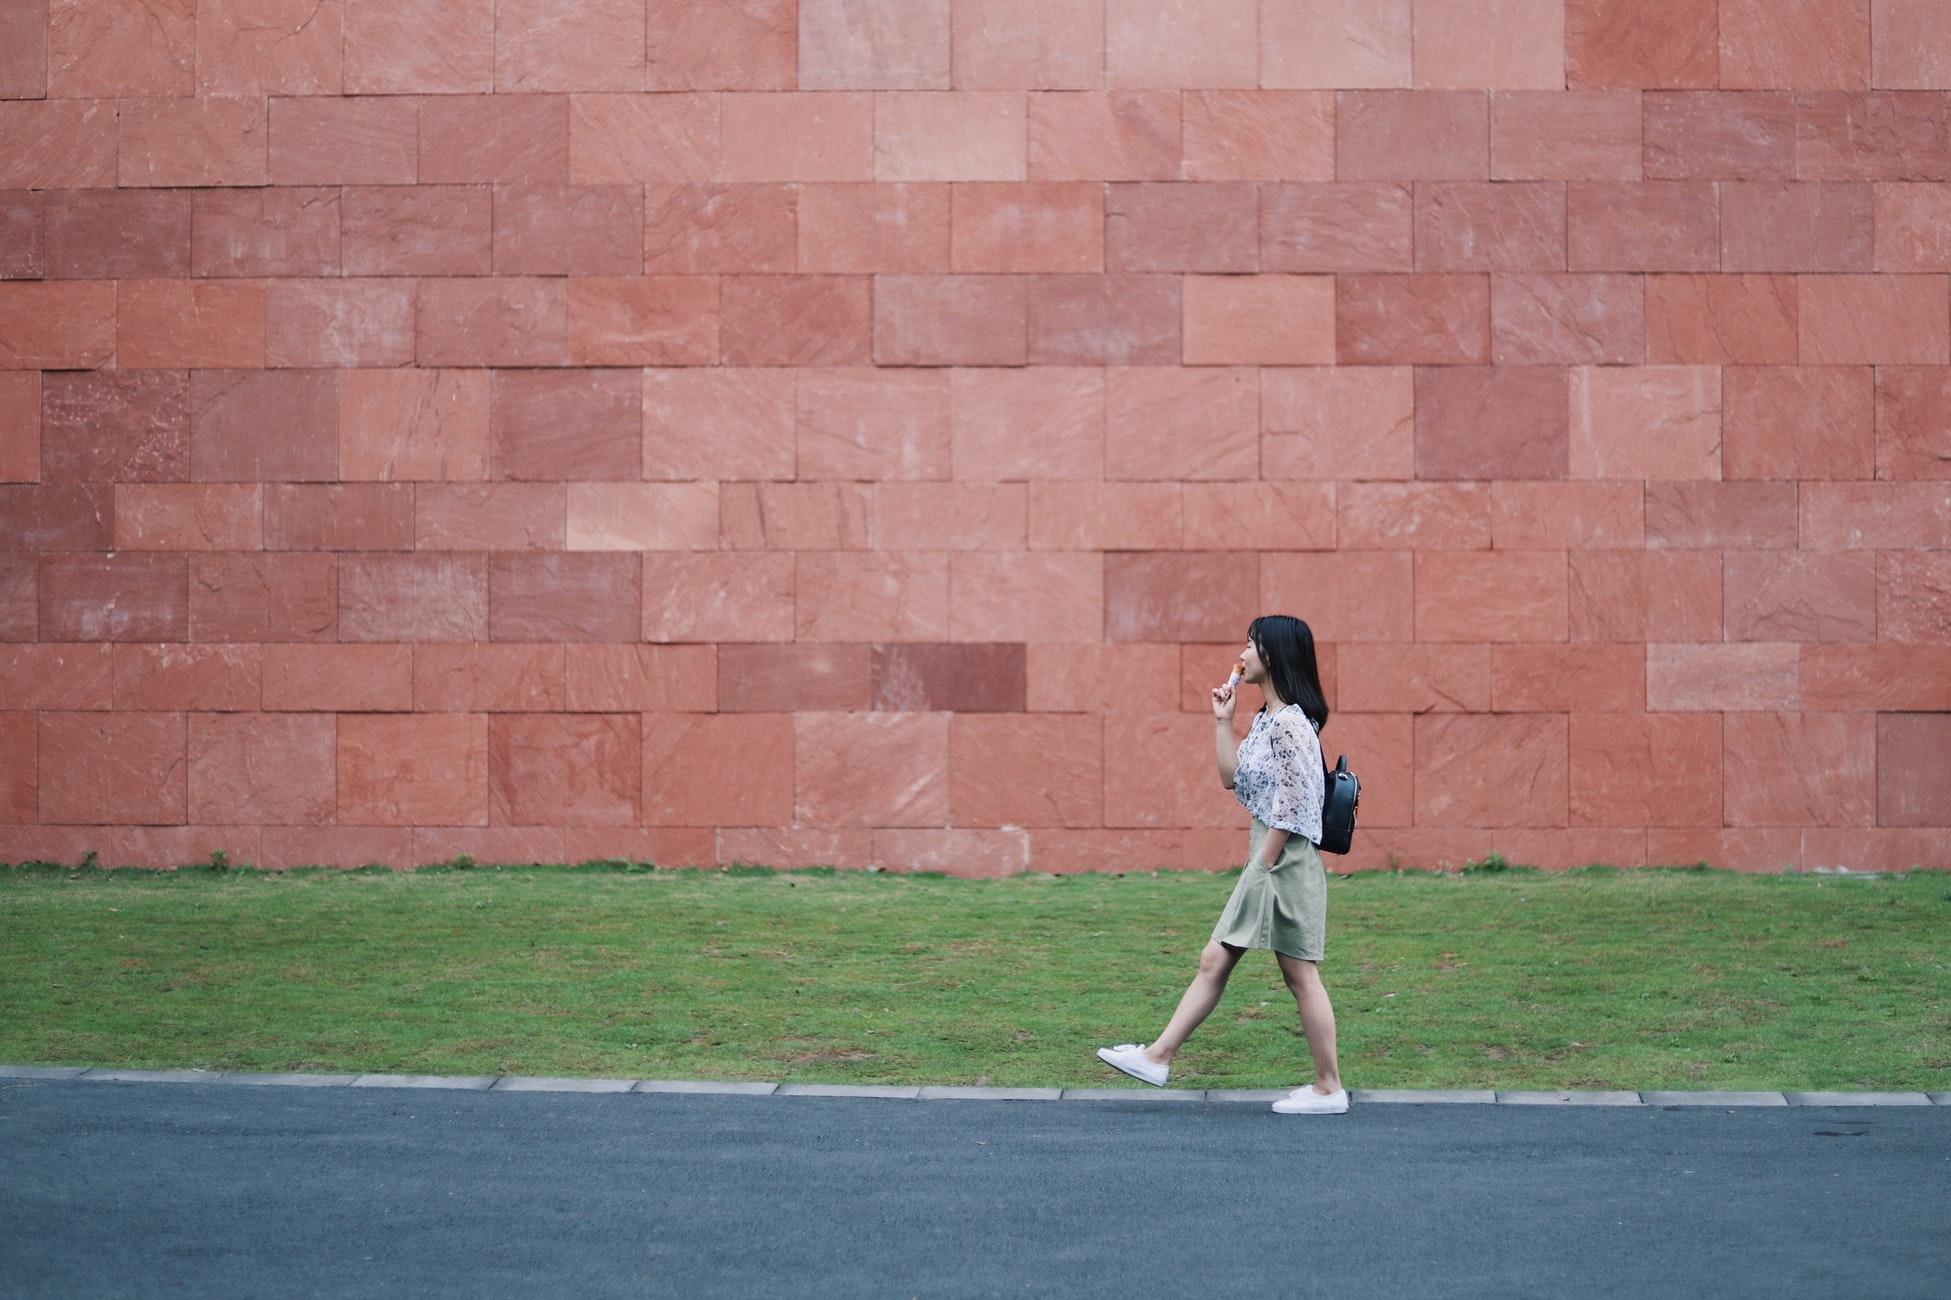 Para emagrecer rapidamente, é melhor praticar corrida ou caminhada?